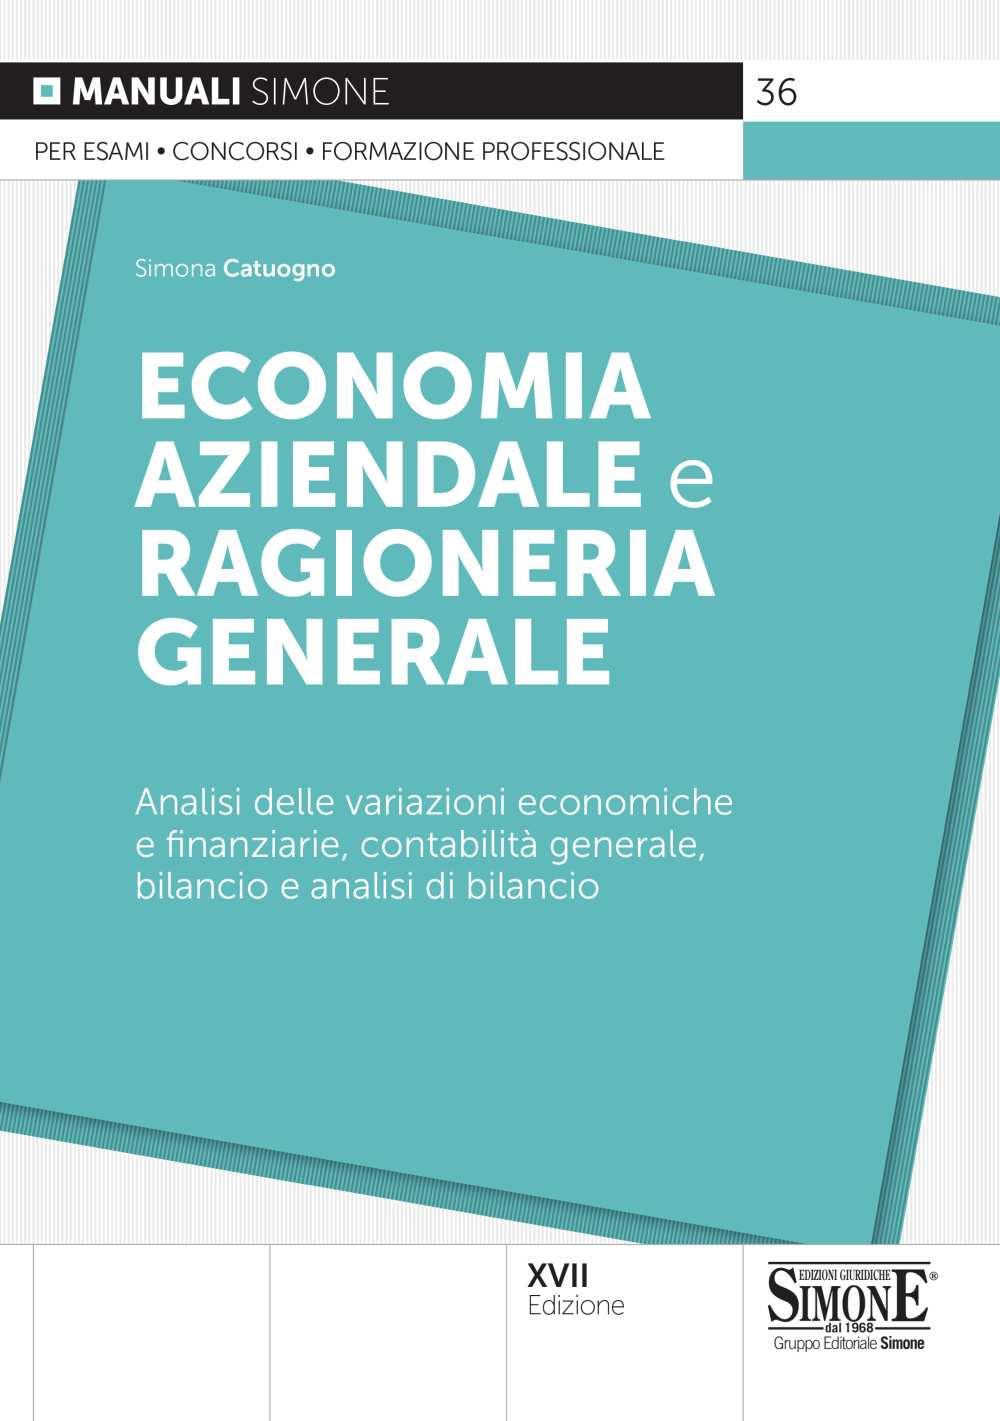 manuale di Economia Aziendale e Ragionaria Generale